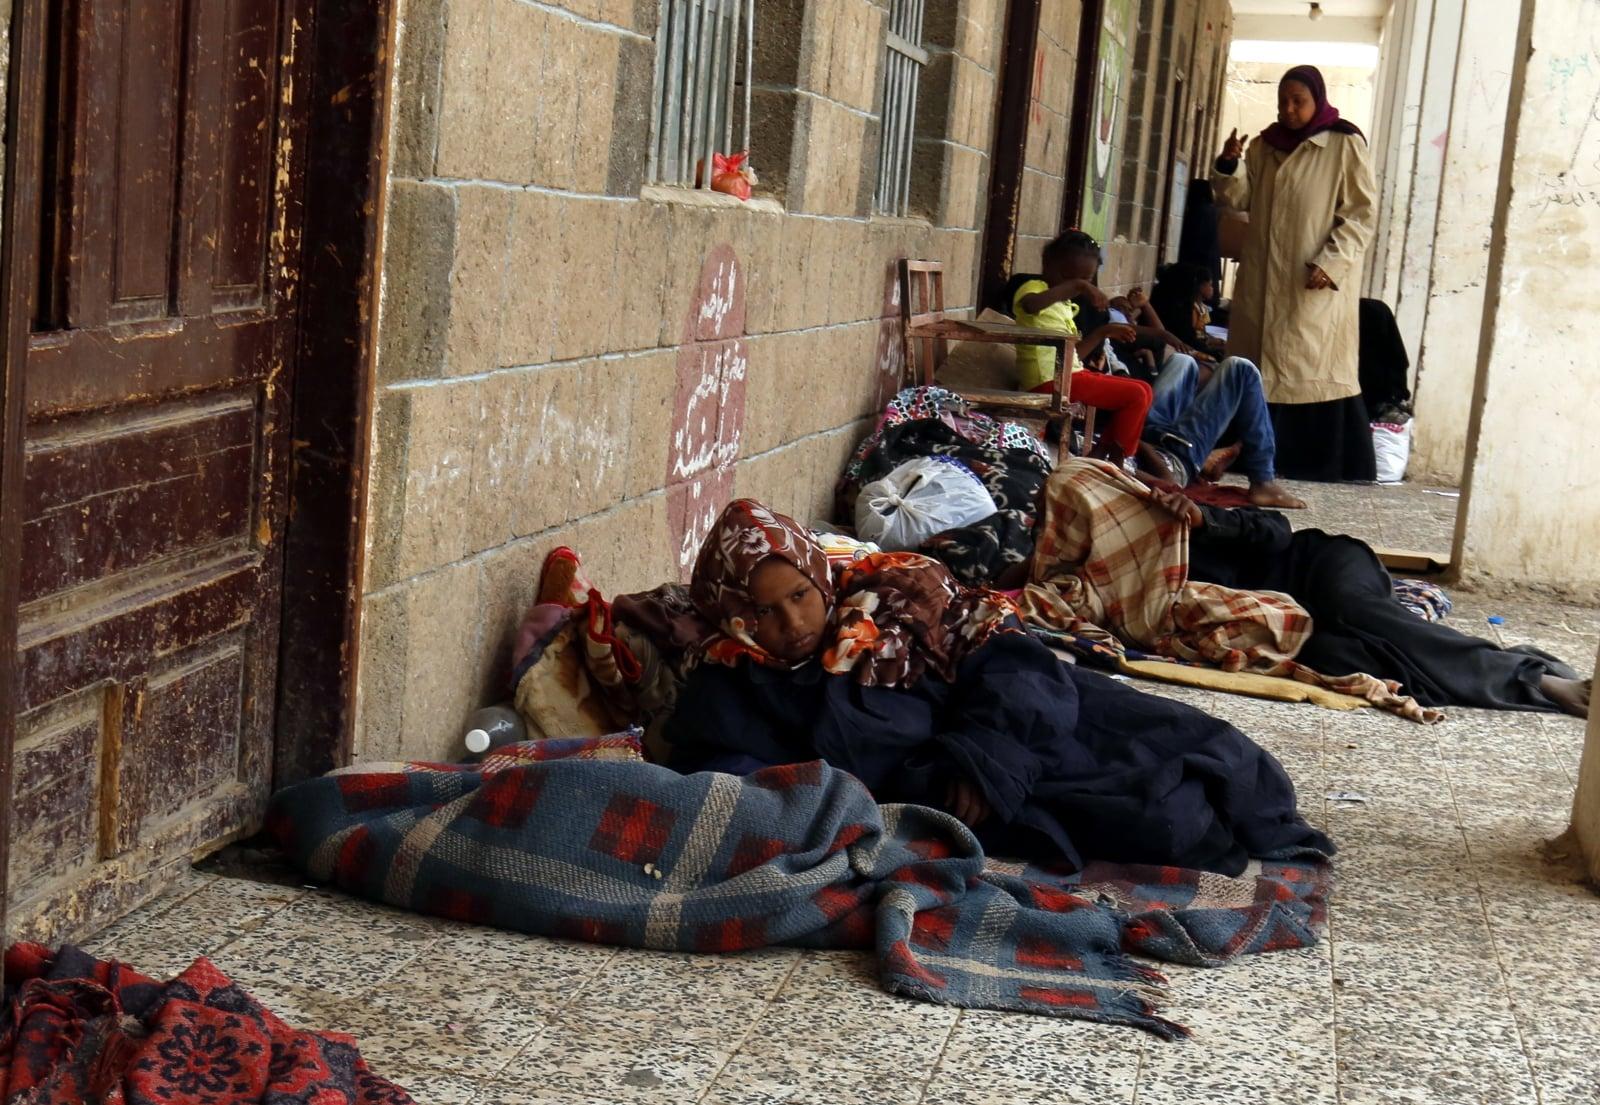 Konflit w Jemenie fot. EPA/YAHYA ARHAB Dostawca: PAP/EPA.